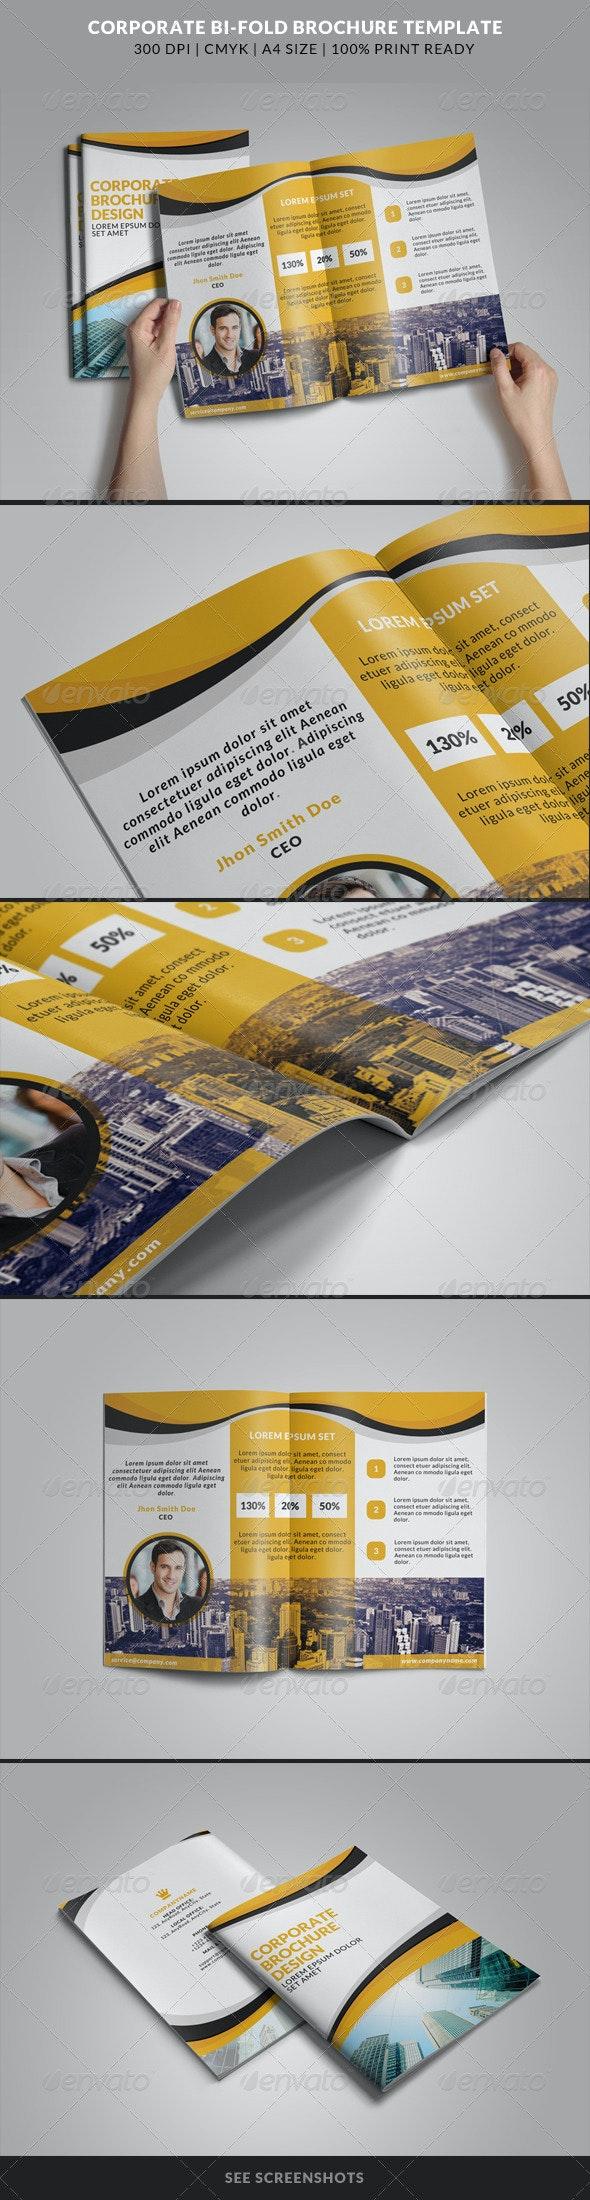 Corporate Bi-Fold Brochures Template 3 - Corporate Brochures